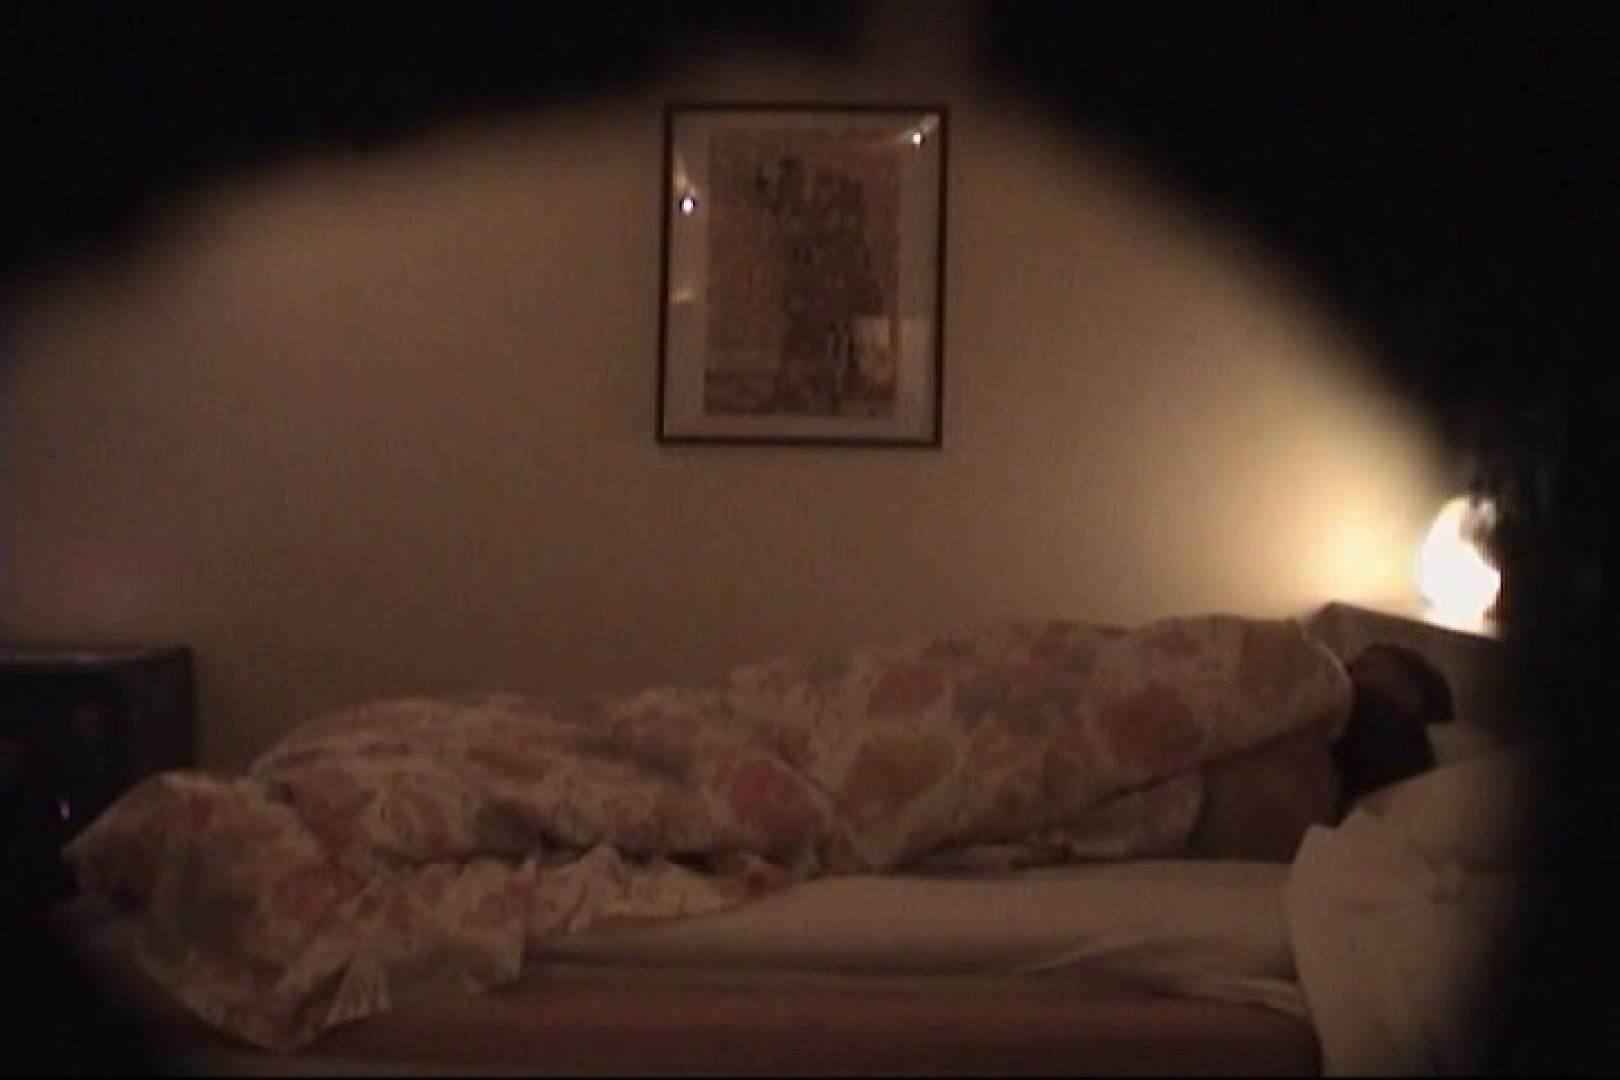 デリ嬢マル秘撮り本物投稿版④ ホテル潜入   おっぱい  51pic 12